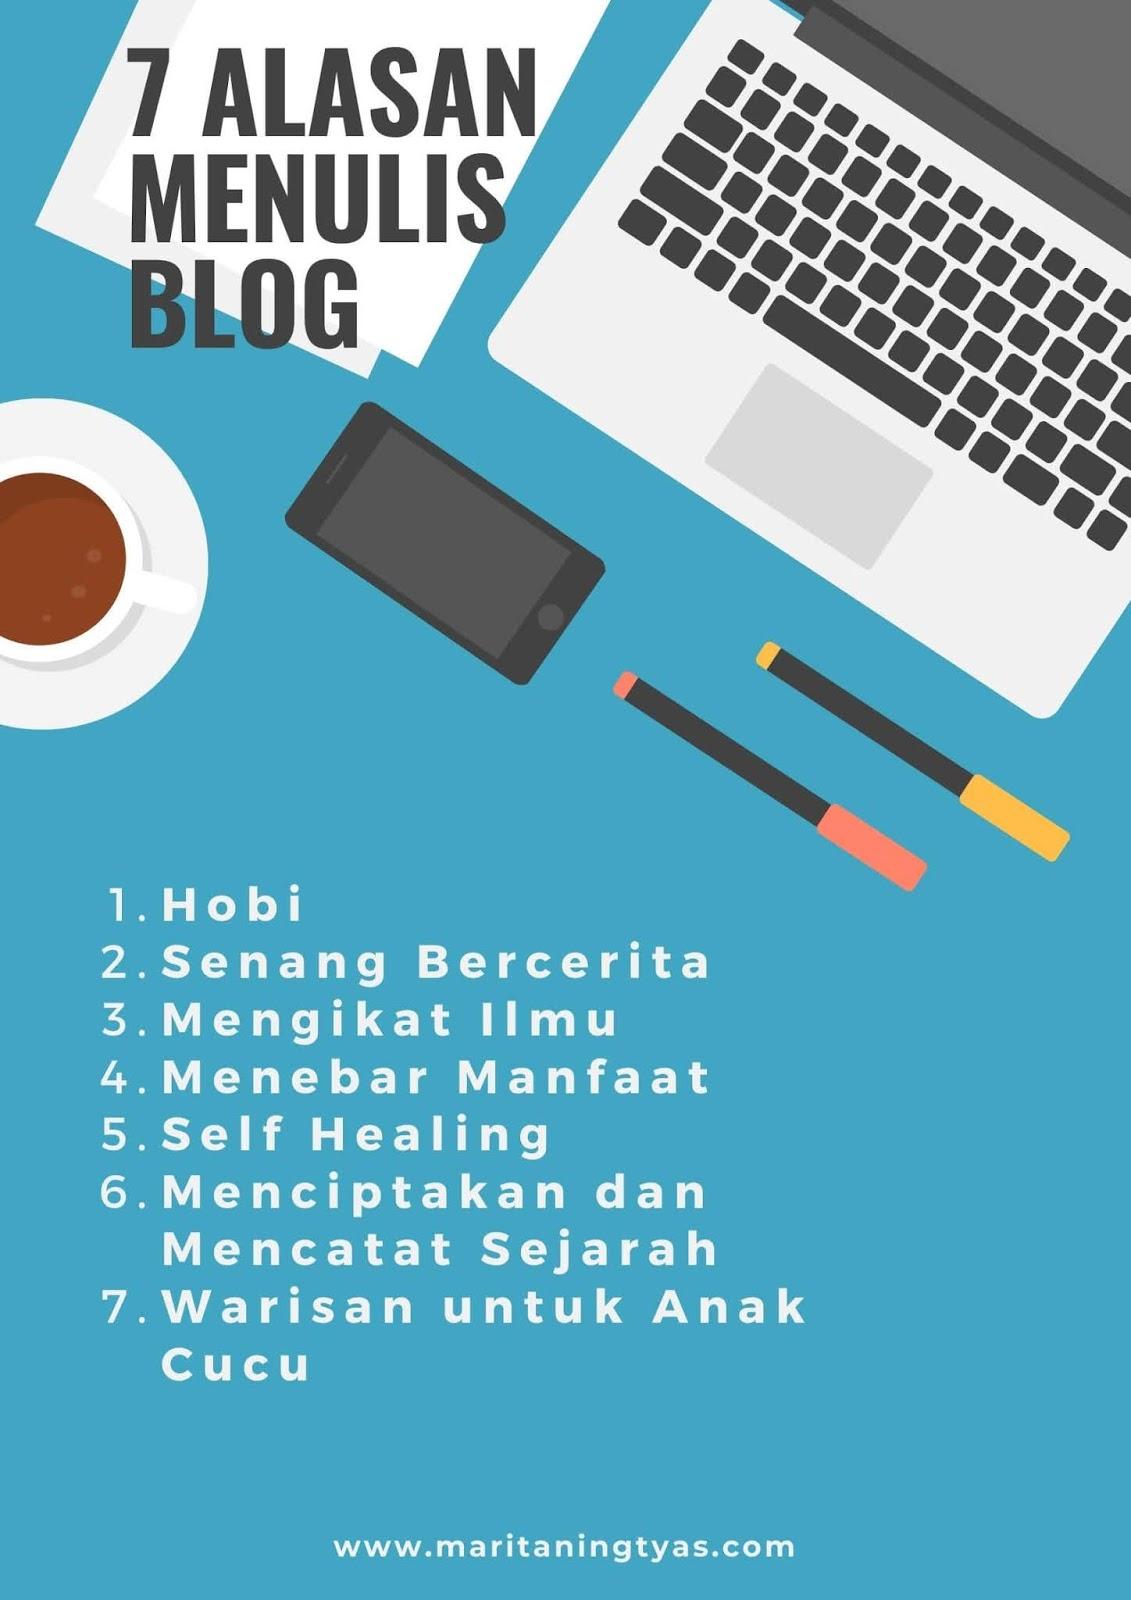 7 alasan menulis blog versi maritaningtyas.com